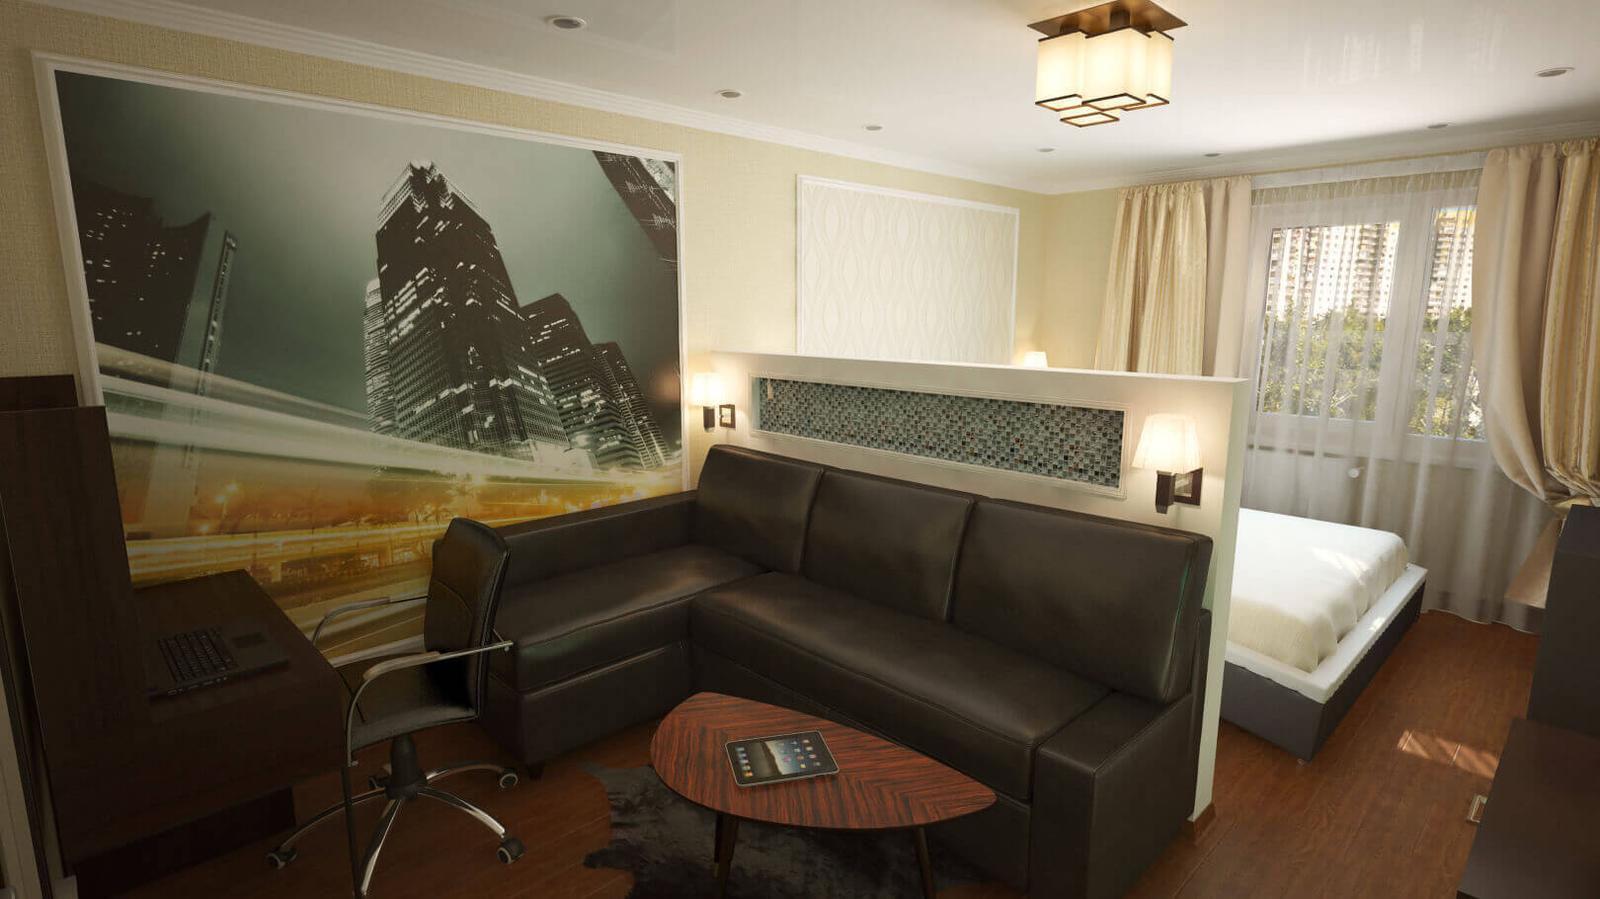 еременко-младший дизайн гостиной совмещенной со спальней фото поворота передний